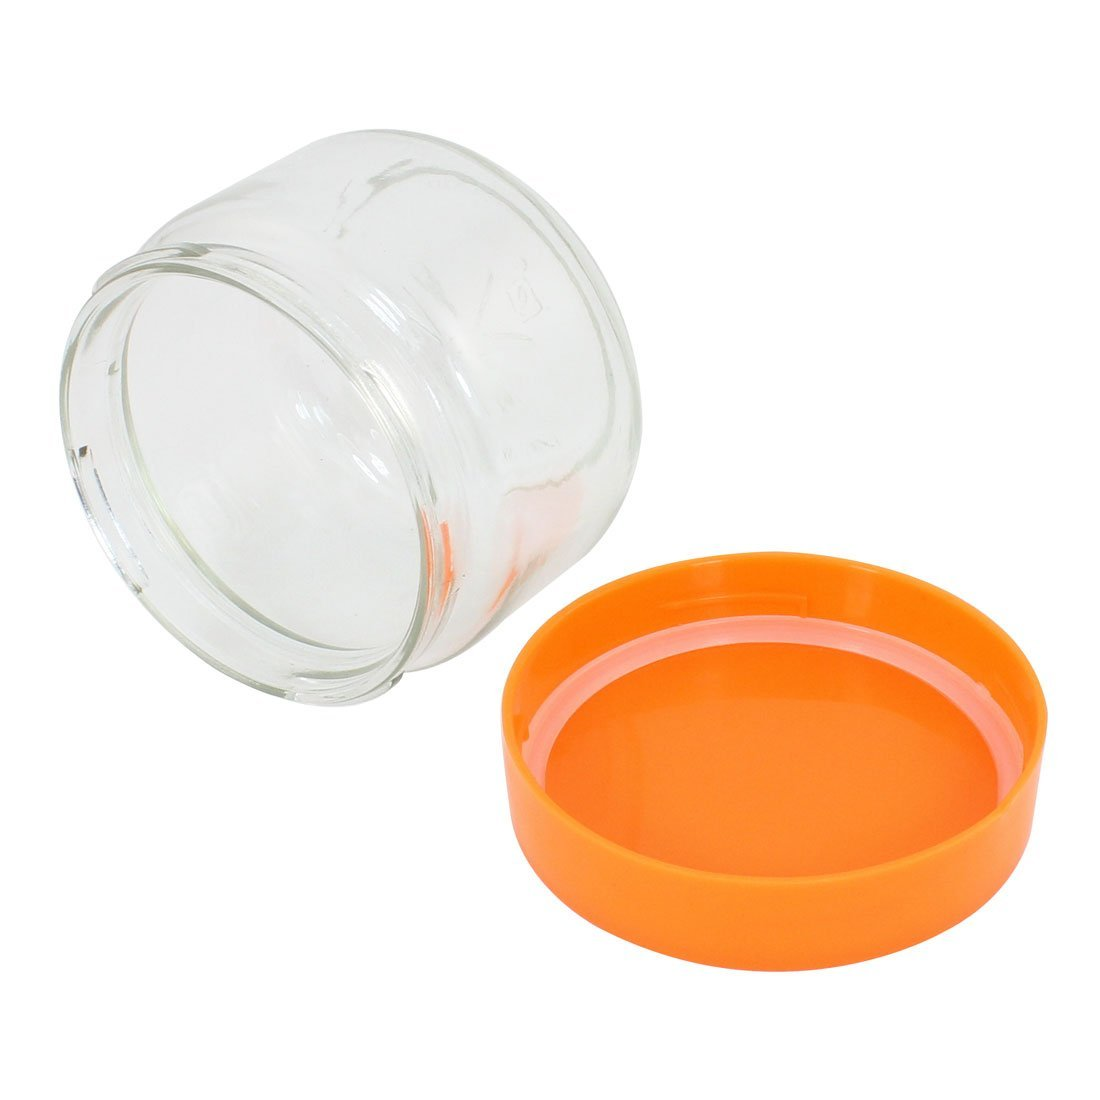 Amazon.com: Botella de plástico eDealMax cubierta del cristal de la hoja de té sello tarro del caramelo de almacenamiento frasco 450ml: Kitchen & Dining